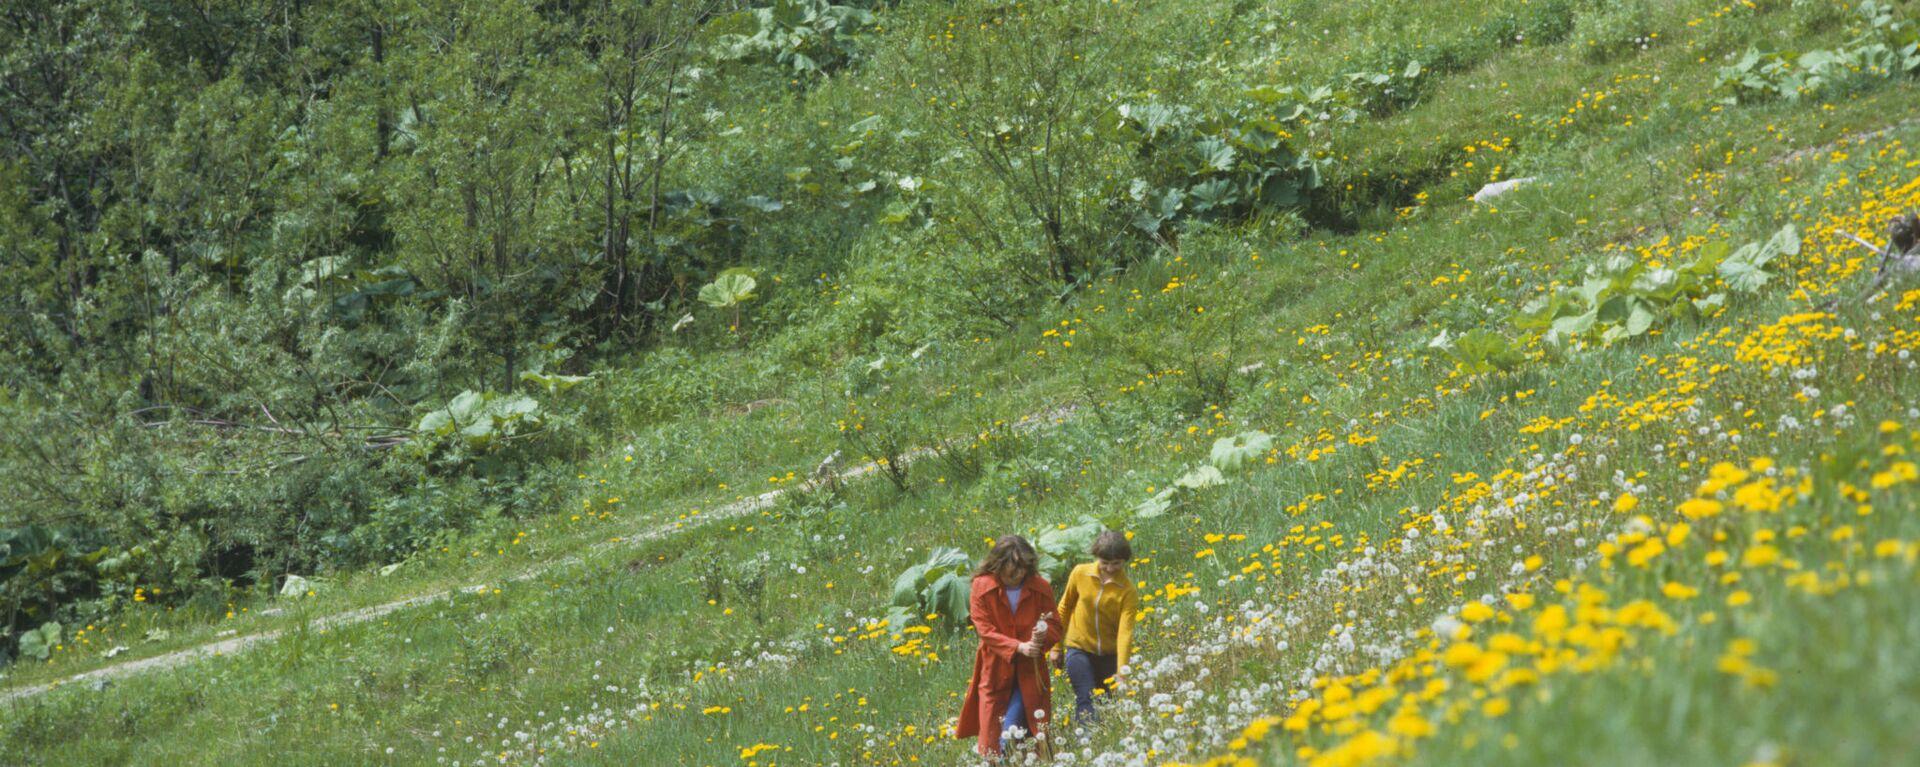 Priroda na Sahalinu - Sputnik Srbija, 1920, 29.08.2021